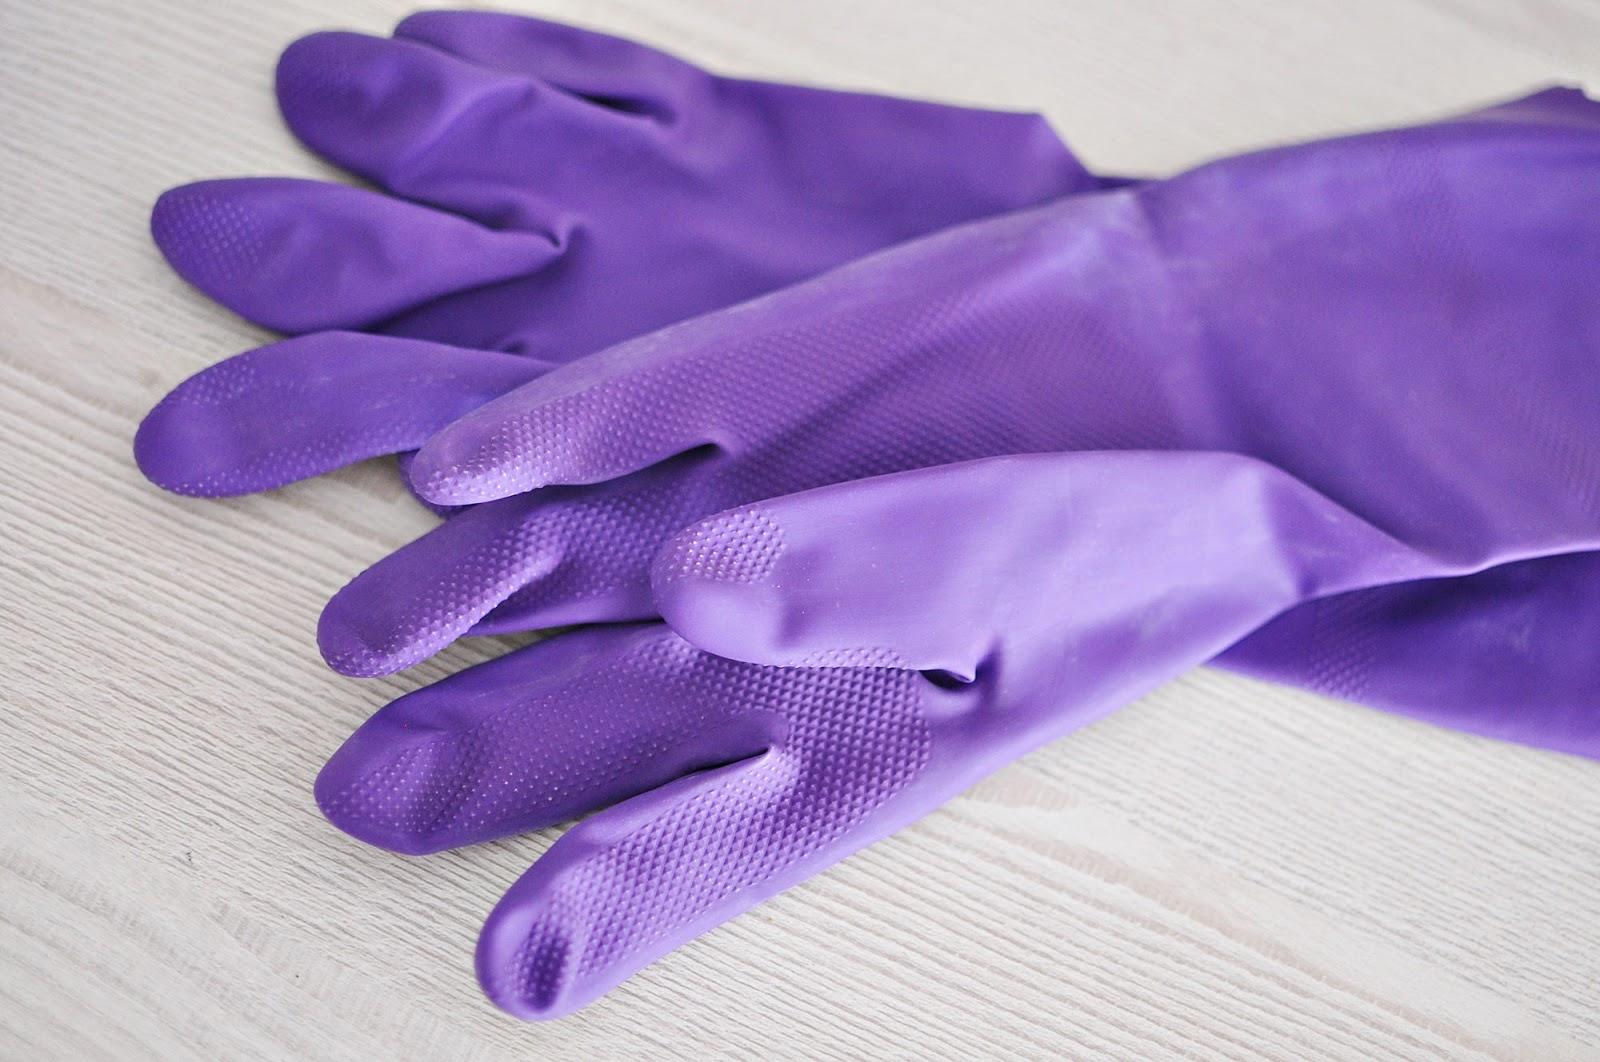 rękawiczki kuchenne, rękawiczki do mycia naczyń